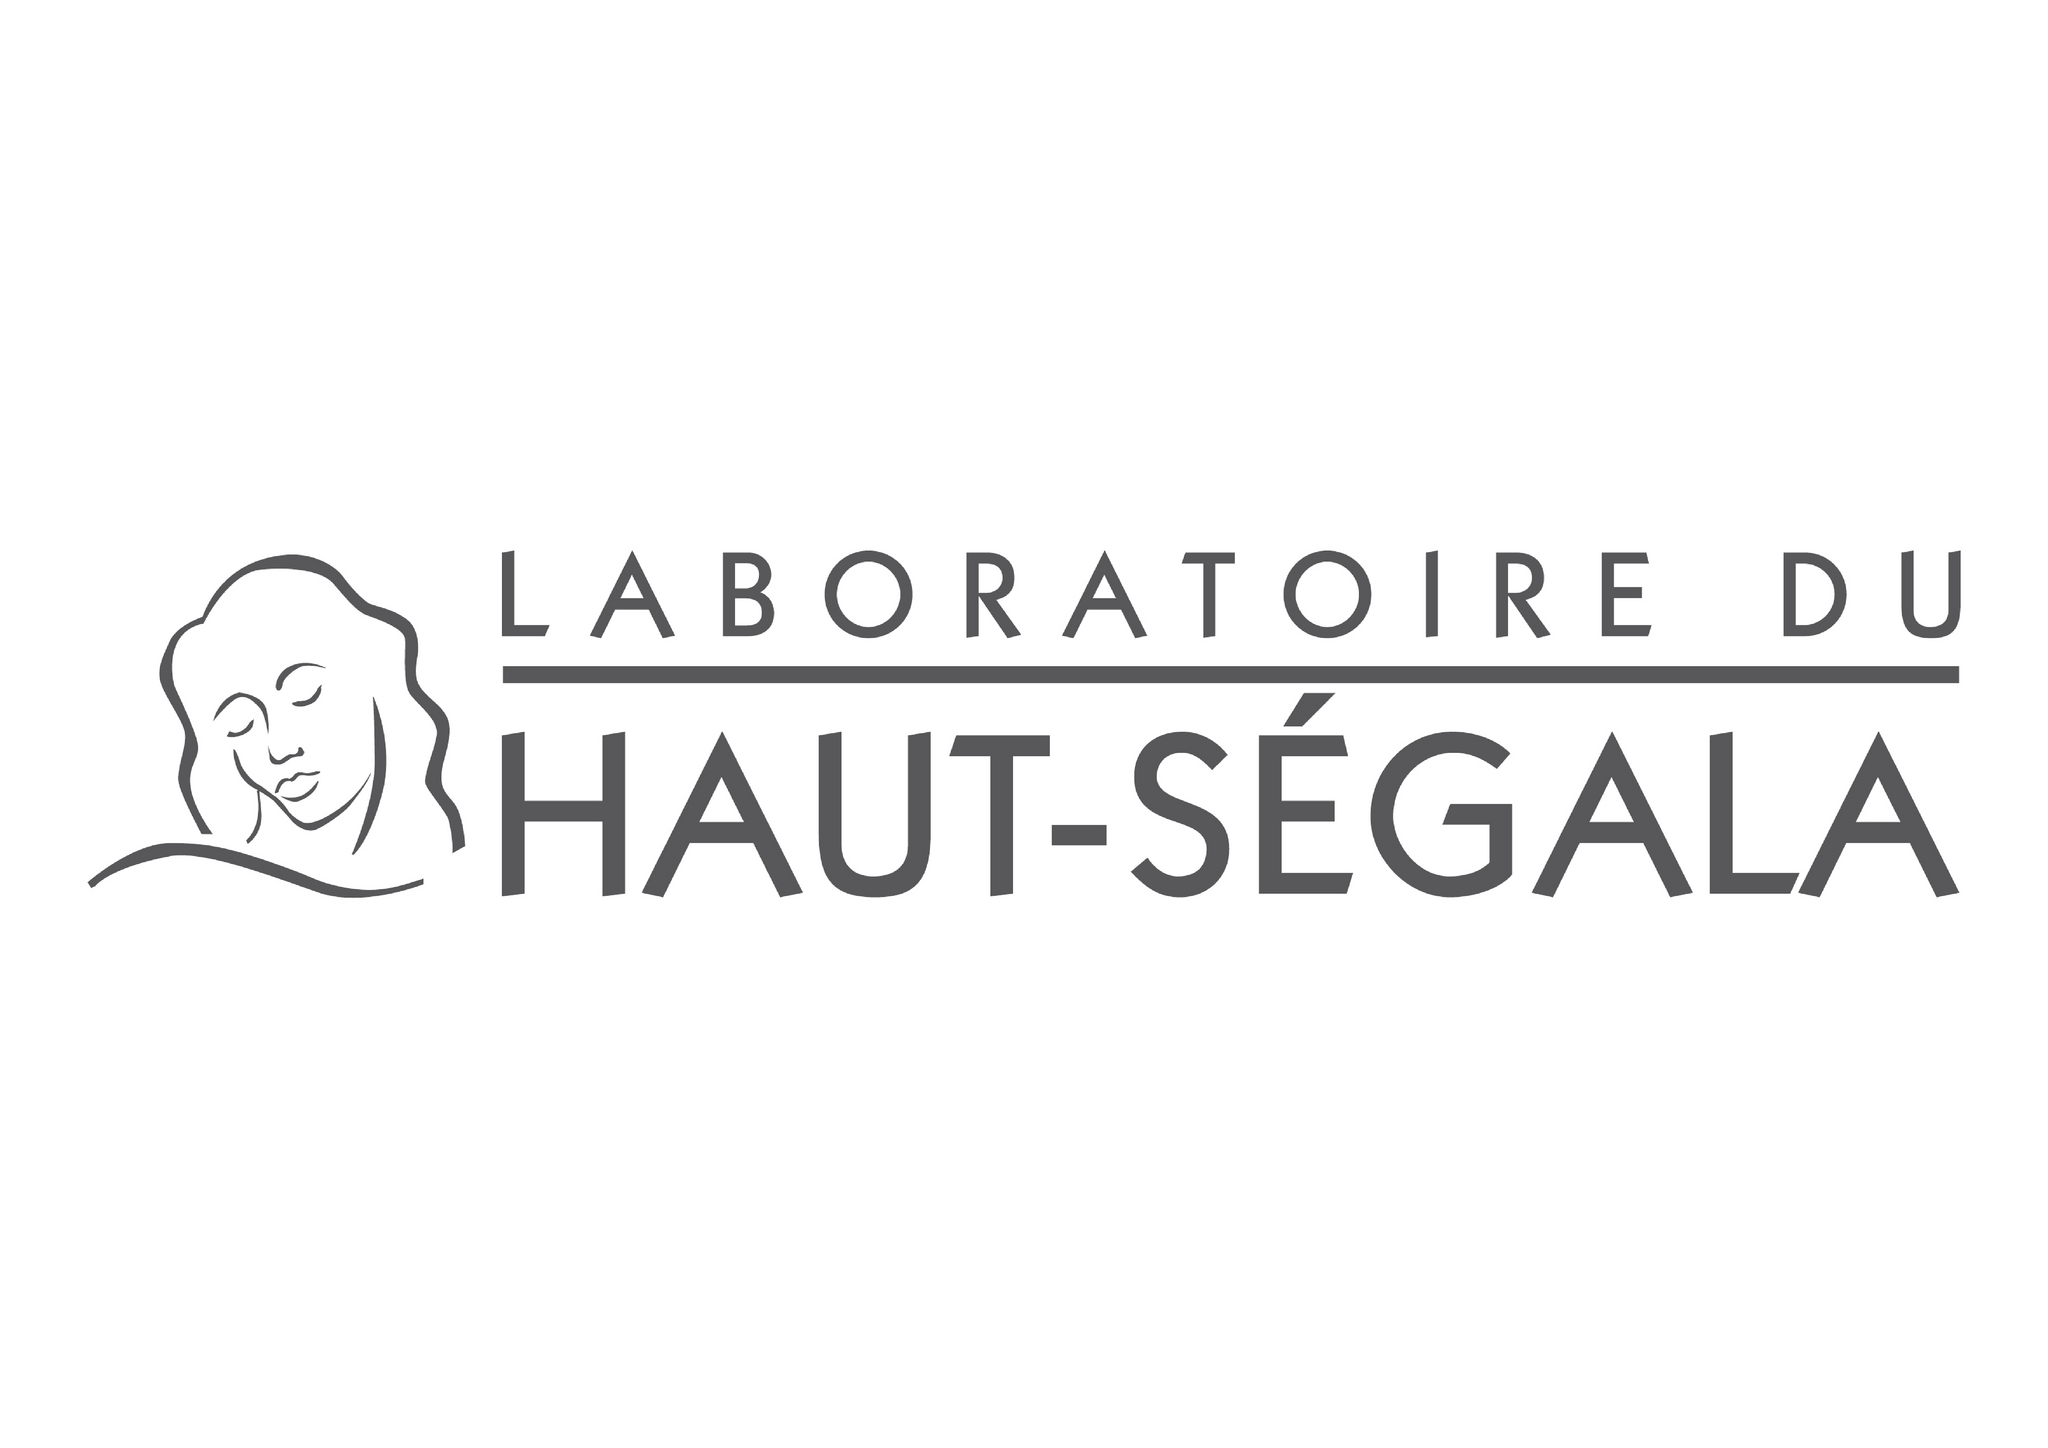 Laboratoire du Haut-Ségala